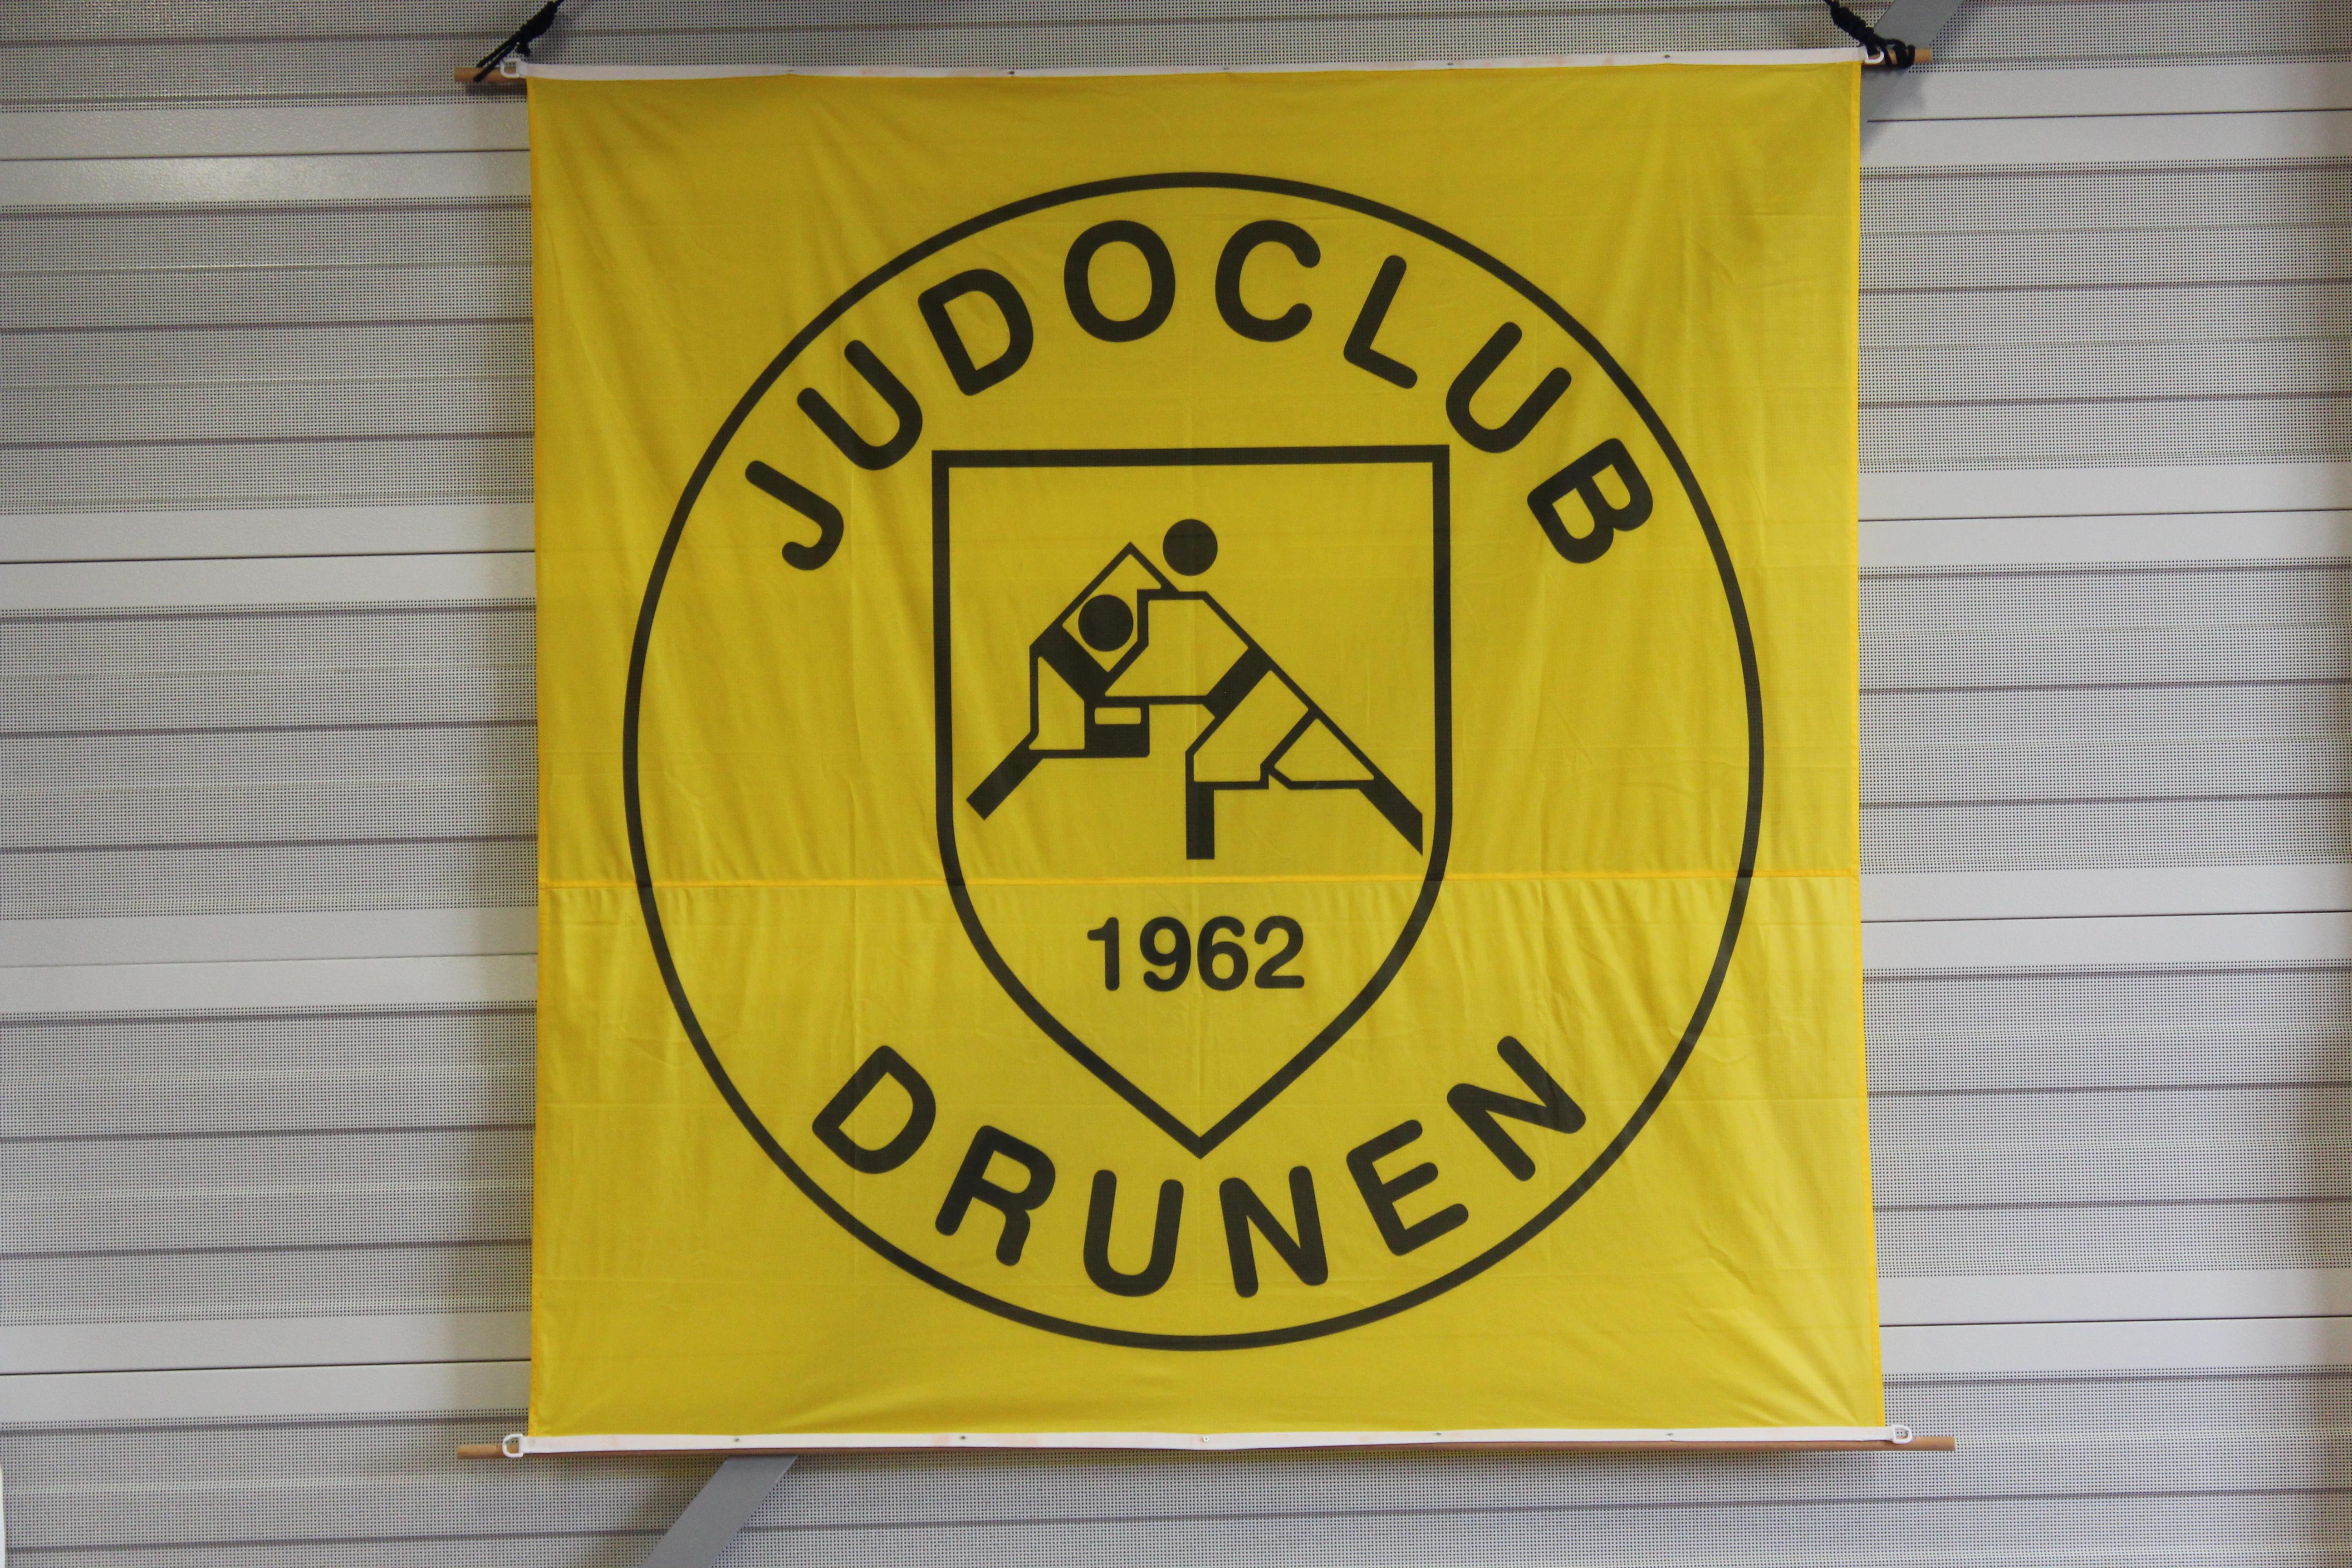 JC Drunen logo